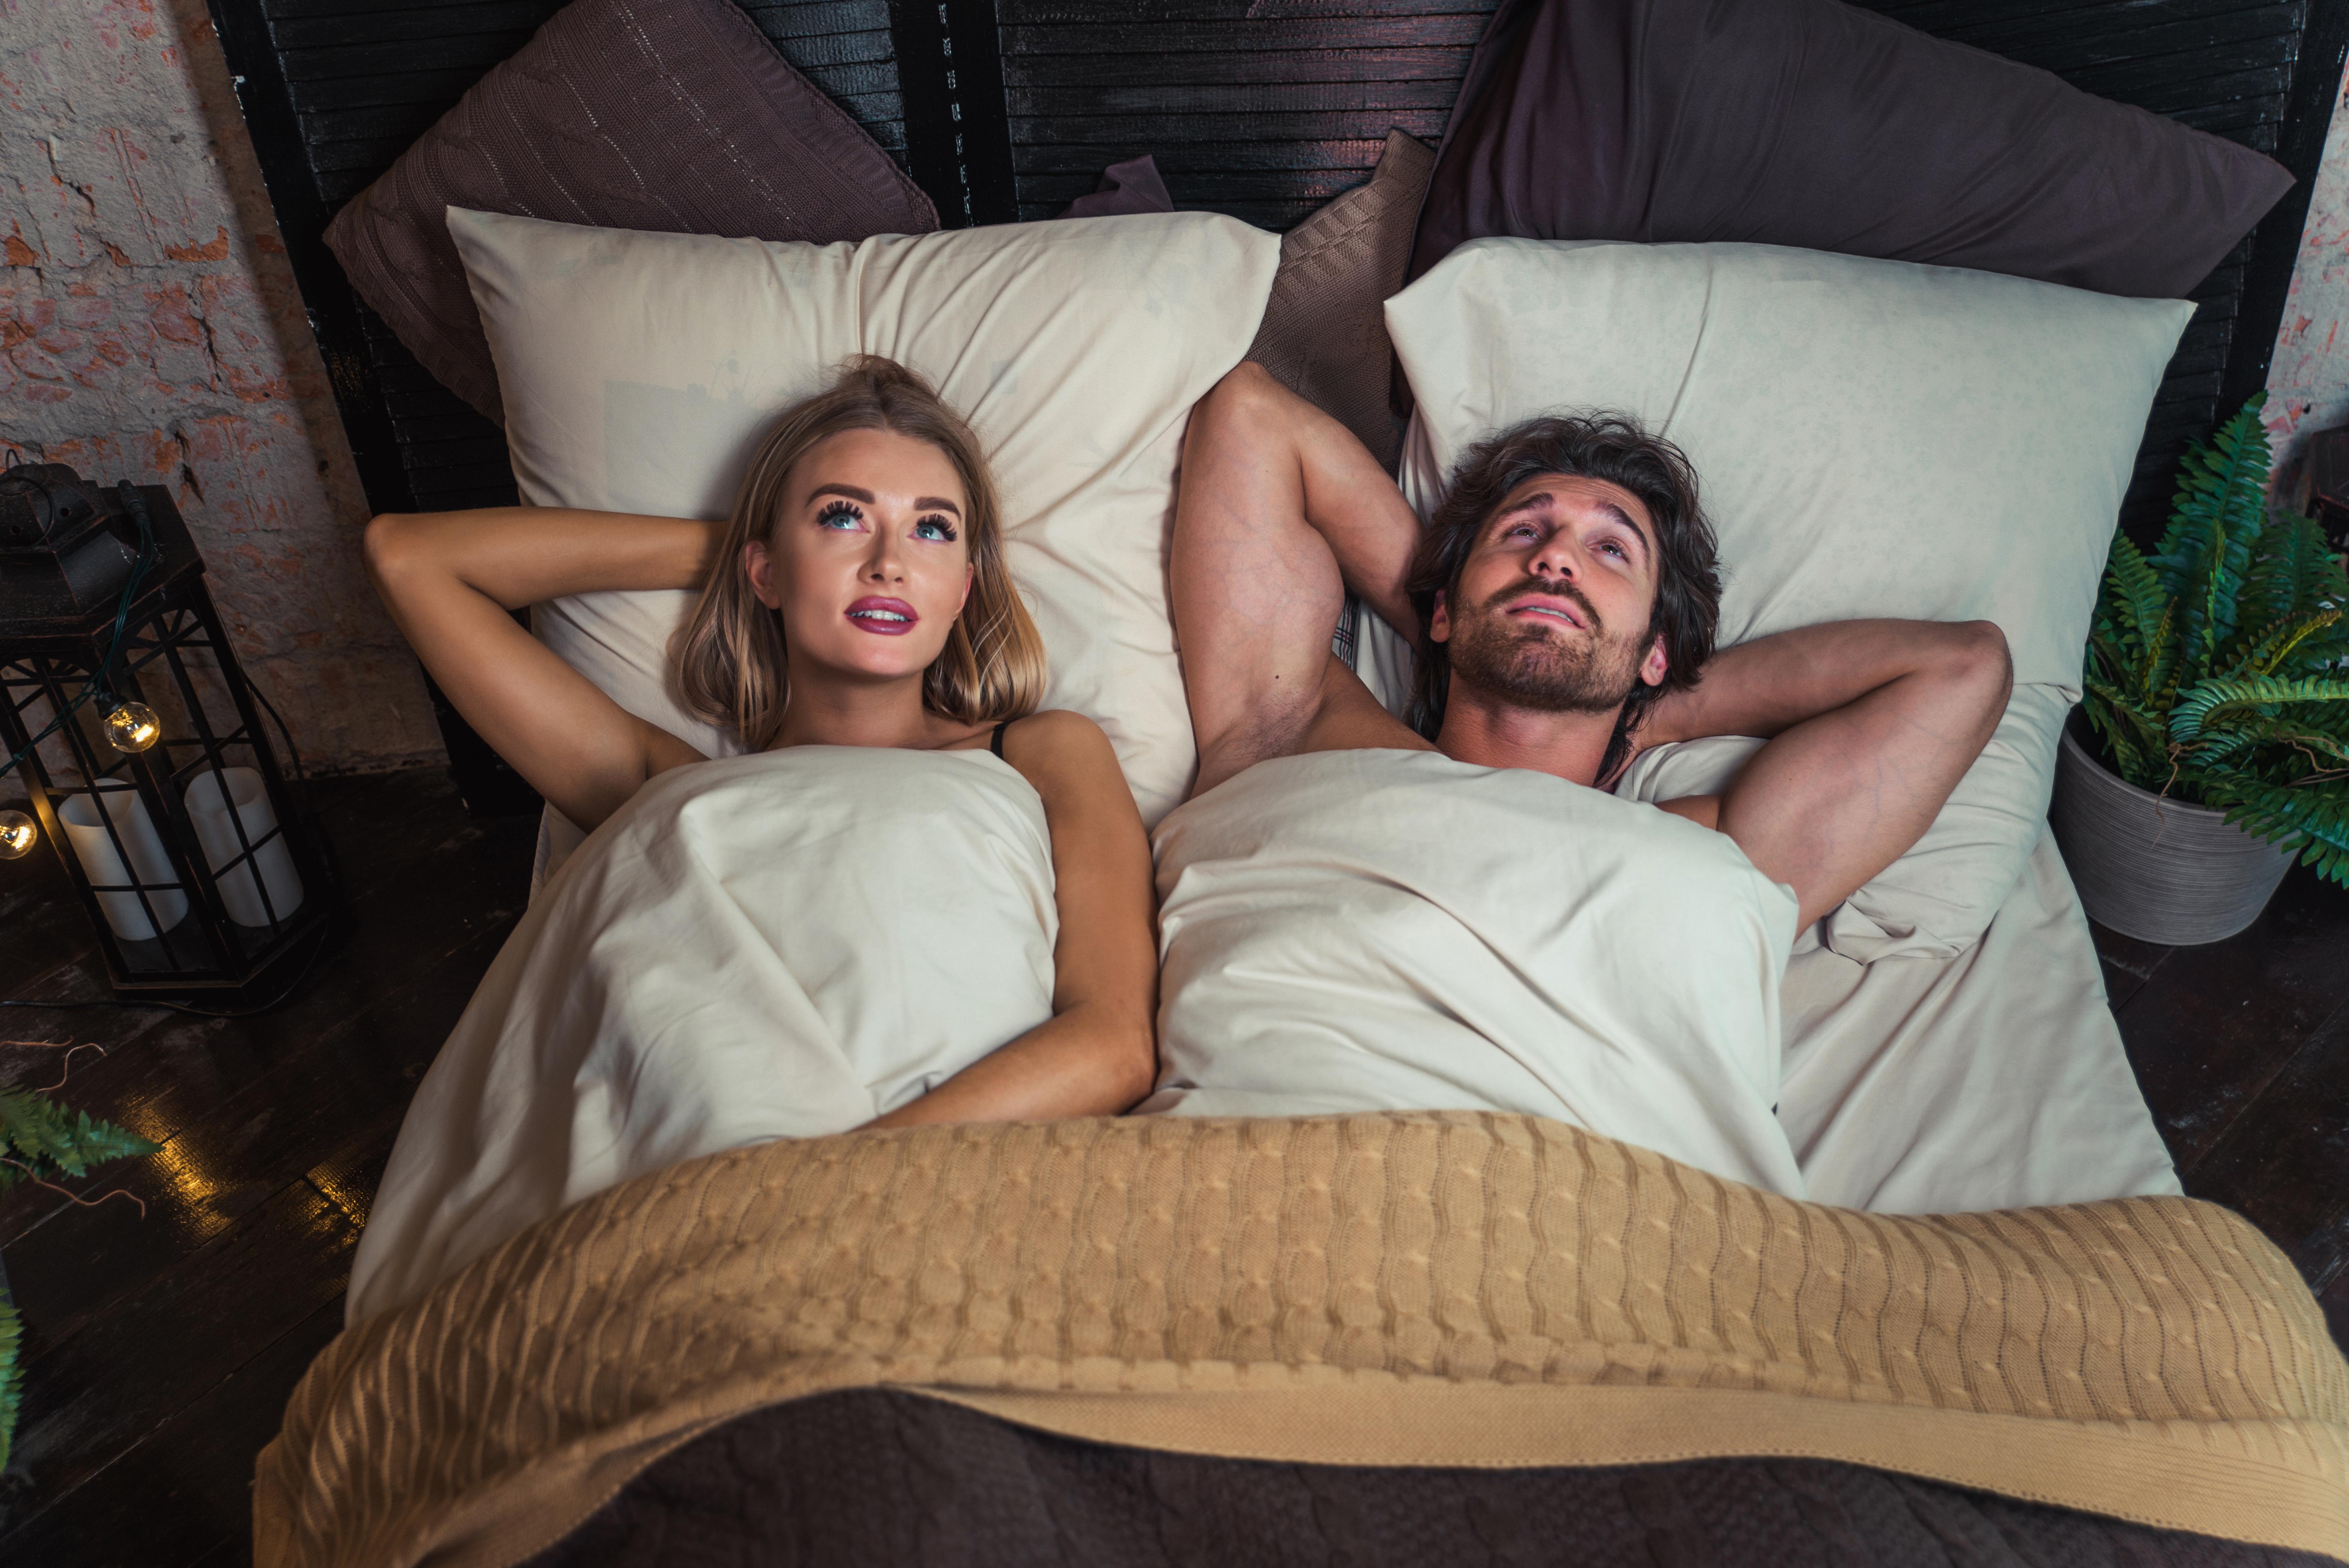 Pareja en la cama tras un encuentro sexual satisfactorio